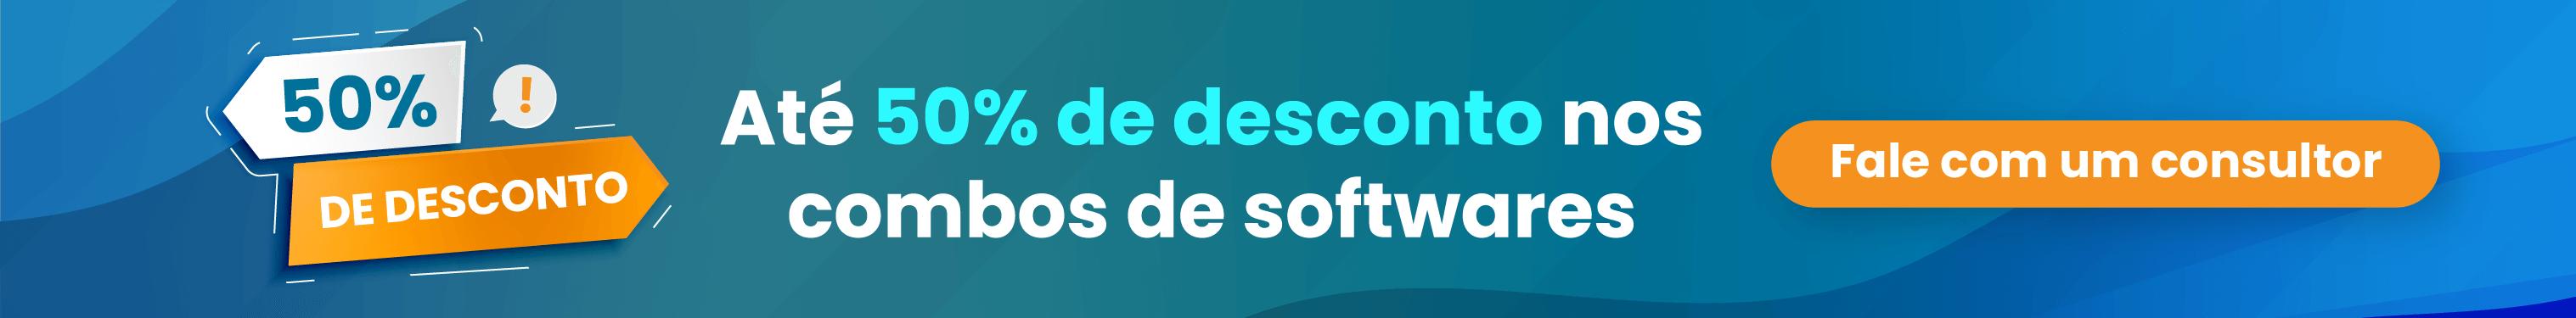 Descontos de até 50% nos combos de softwares